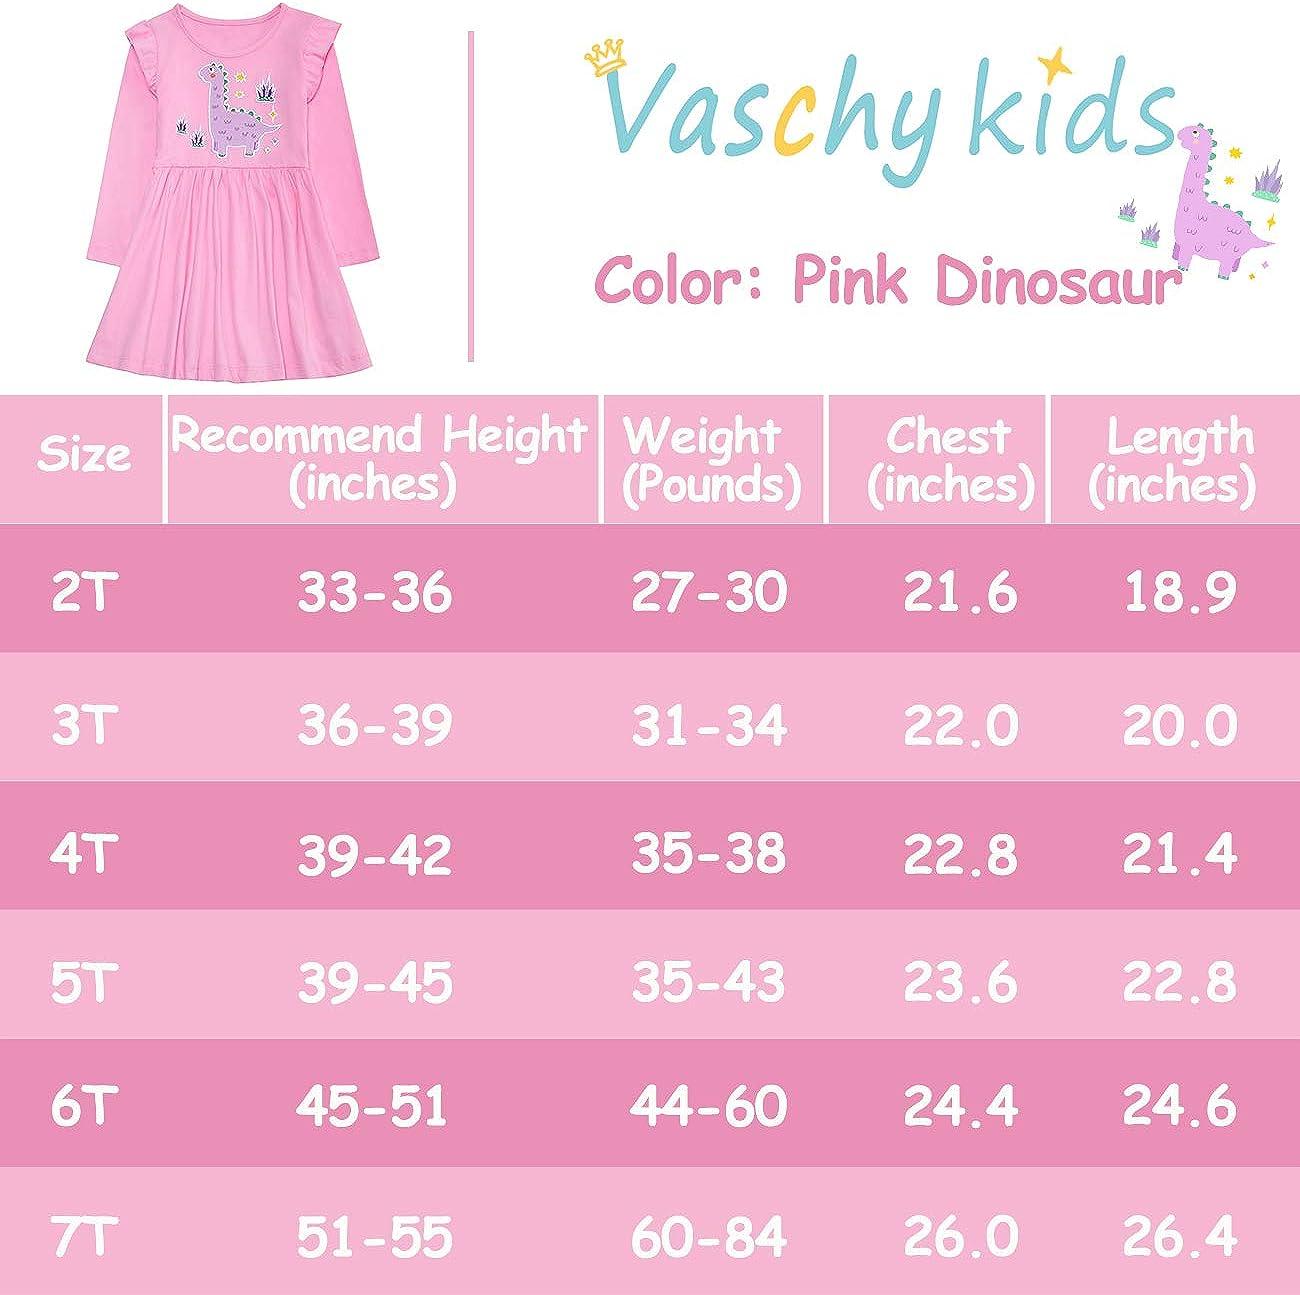 VASCHY Vestito Bambina,Vestito da Ragazza Unicorno Vestito Manica Lunga Maglietta Casual Cotone Abiti Cartoon Animale Sciolto per Bambina 1-7 Anni